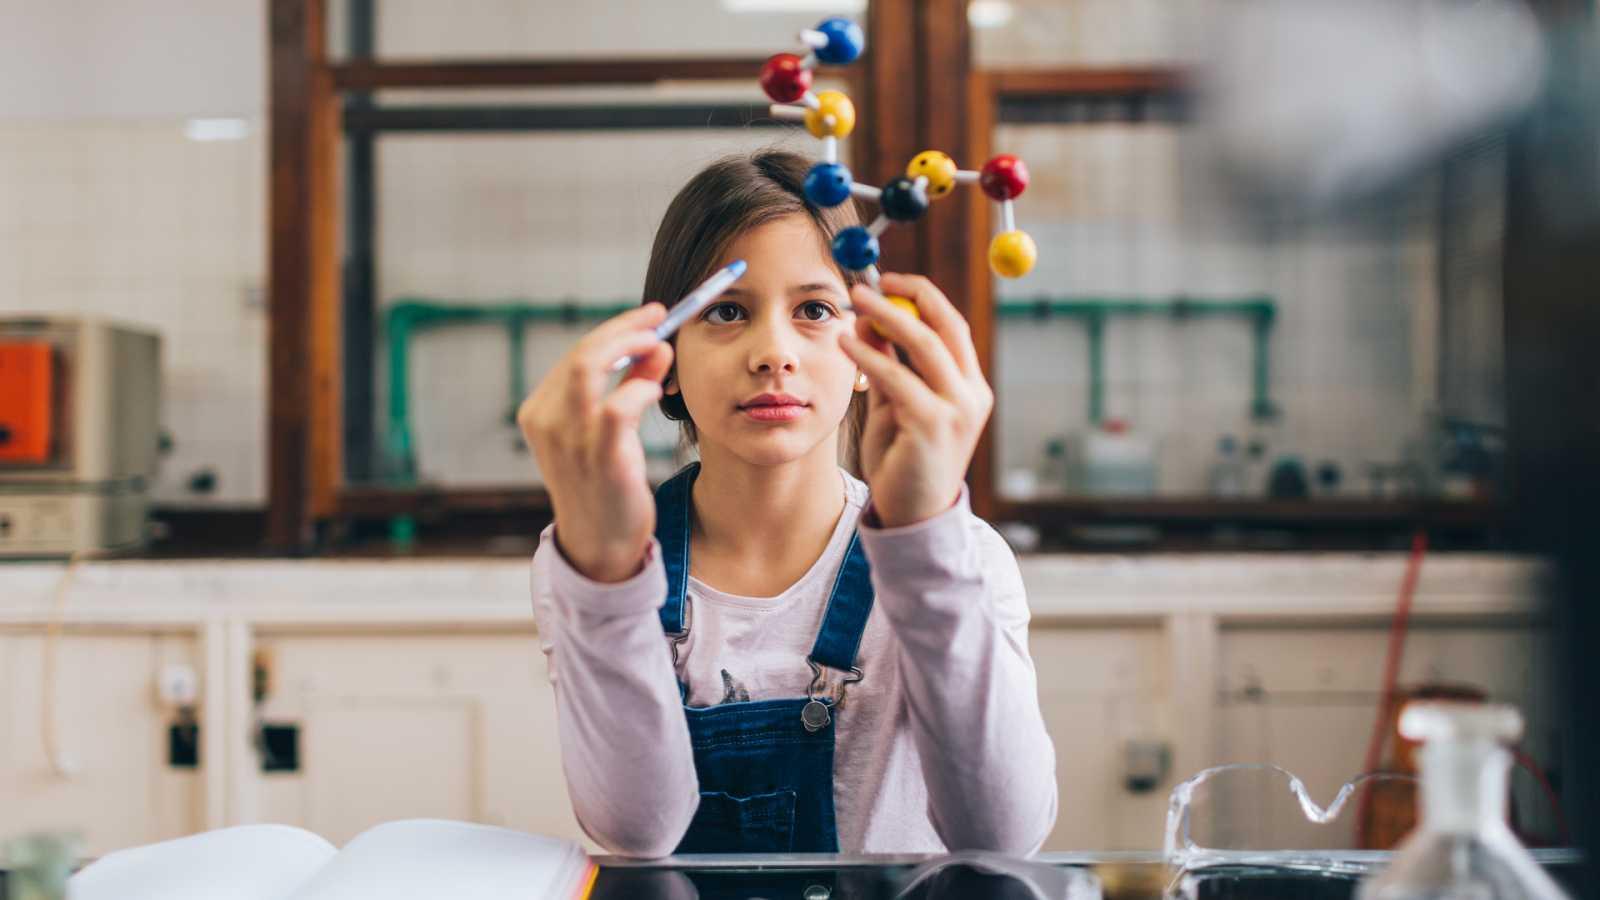 24 horas - En un lugar de la ciencia: ¿por qué las situaciones difíciles cambian nuestro físico? - Escuchar ahora